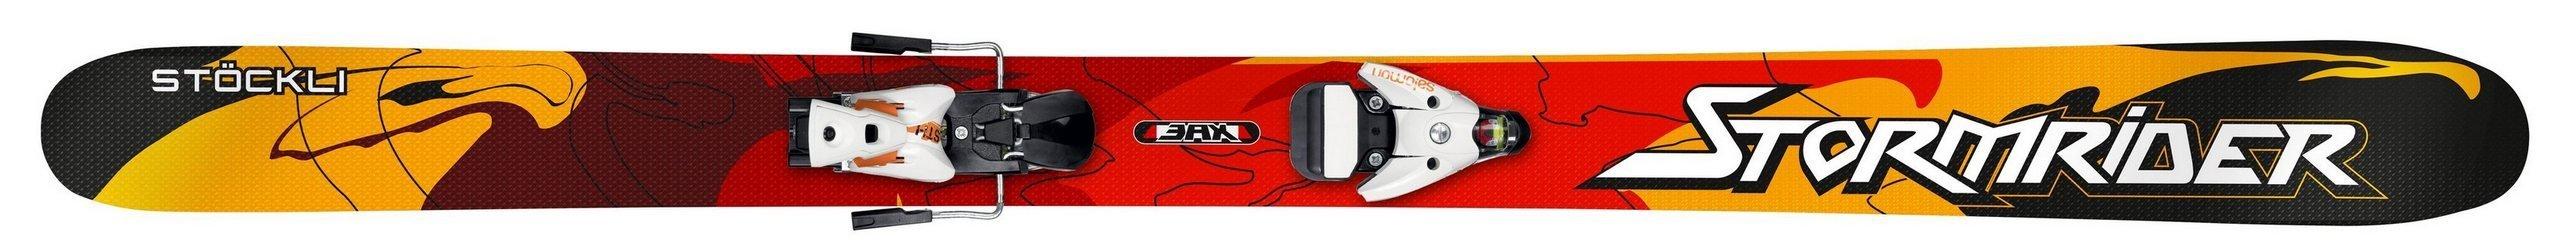 Stormrider 110 TT